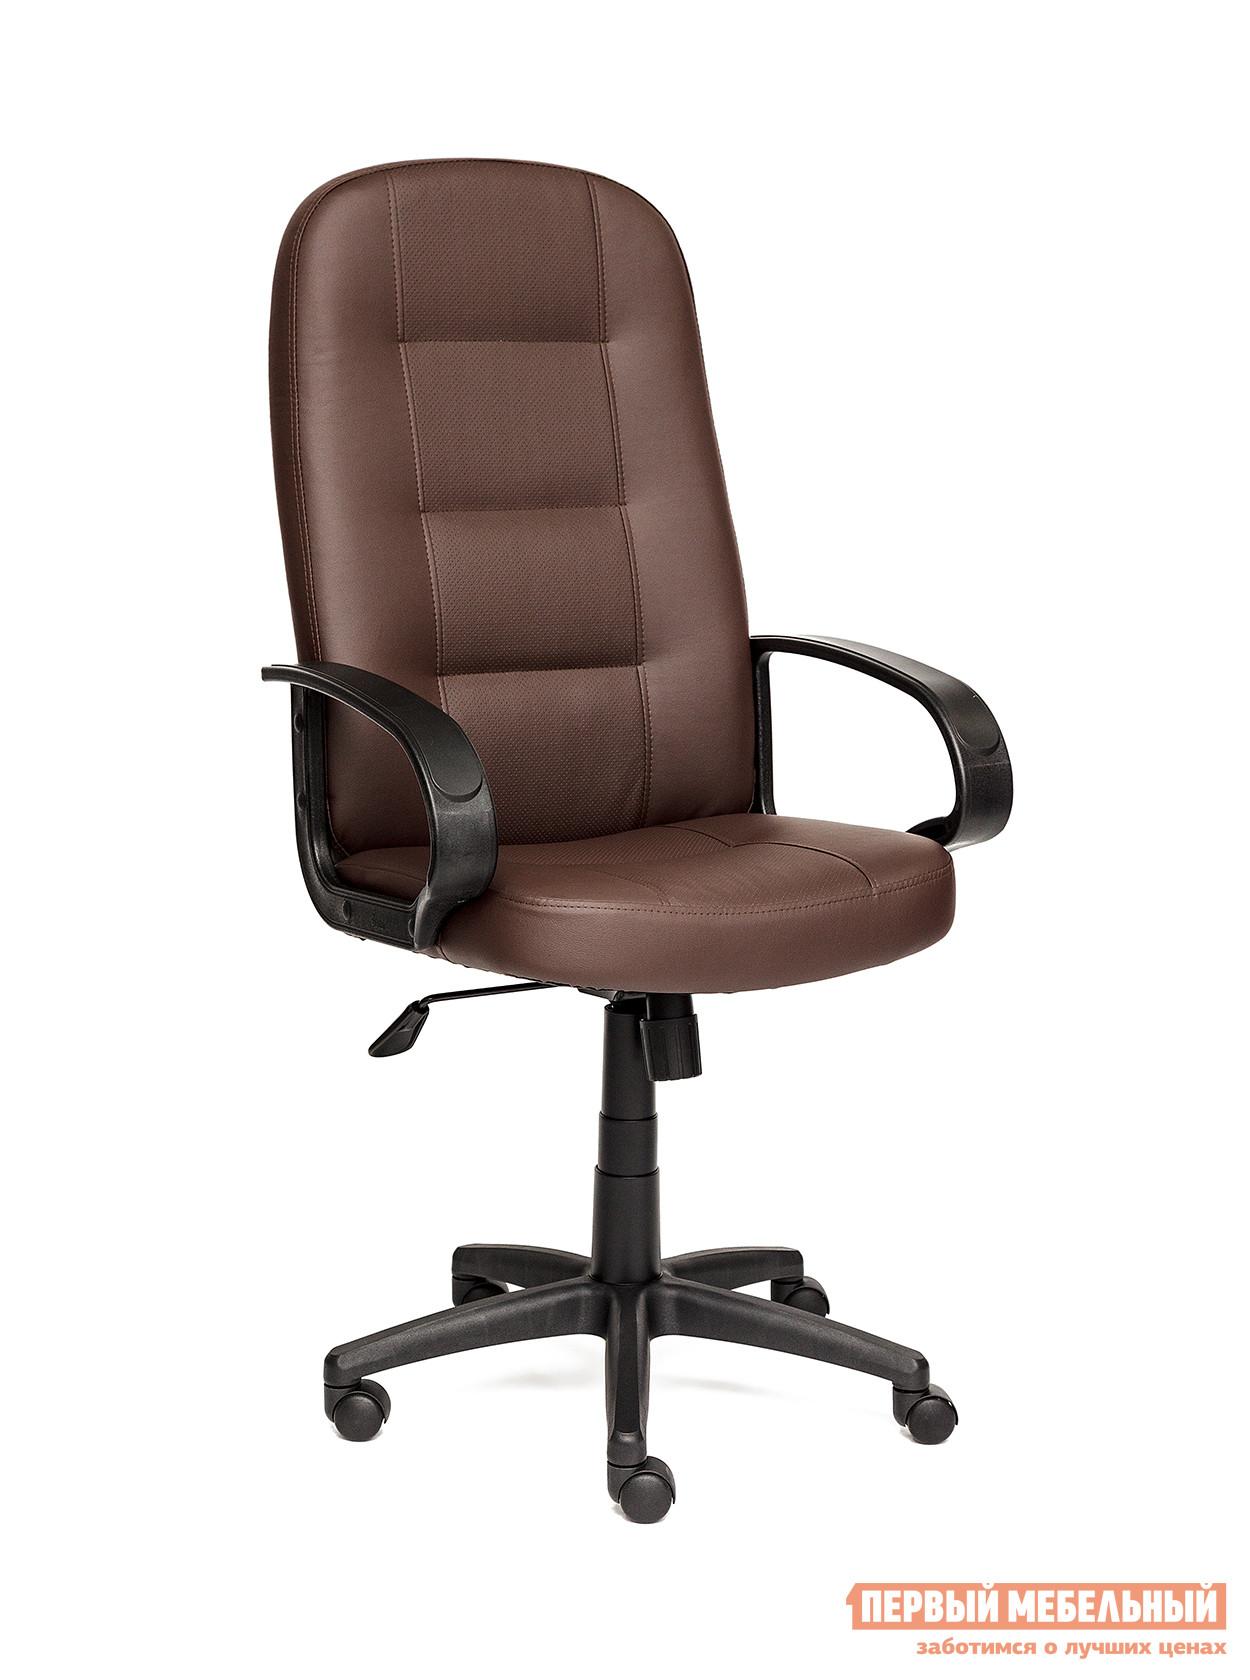 Кресло руководителя  Devon Иск.кожа коричневая перфор. (36-36/36-36/06)